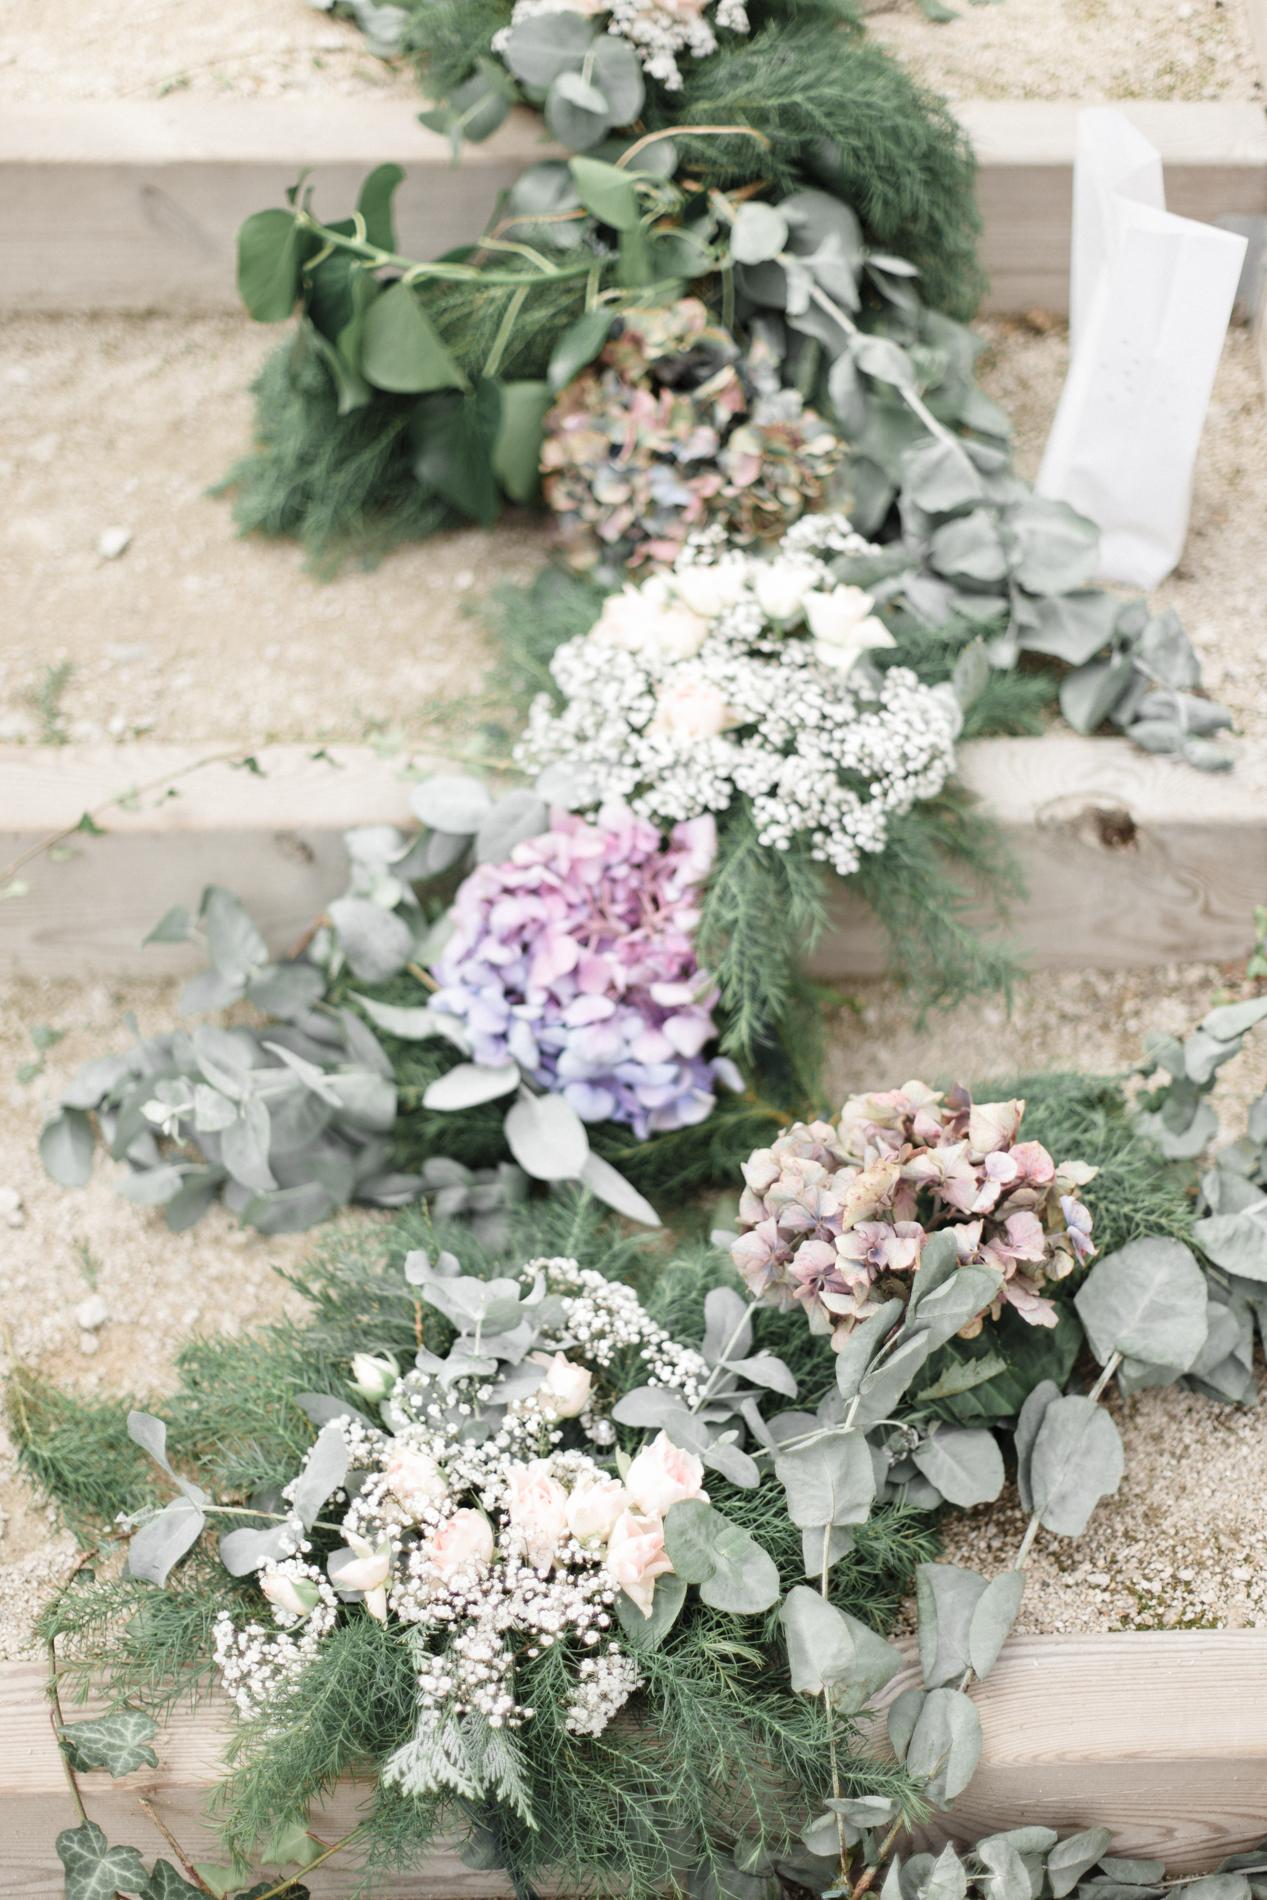 photographe-mariage-bretagne-maria-thomas-72